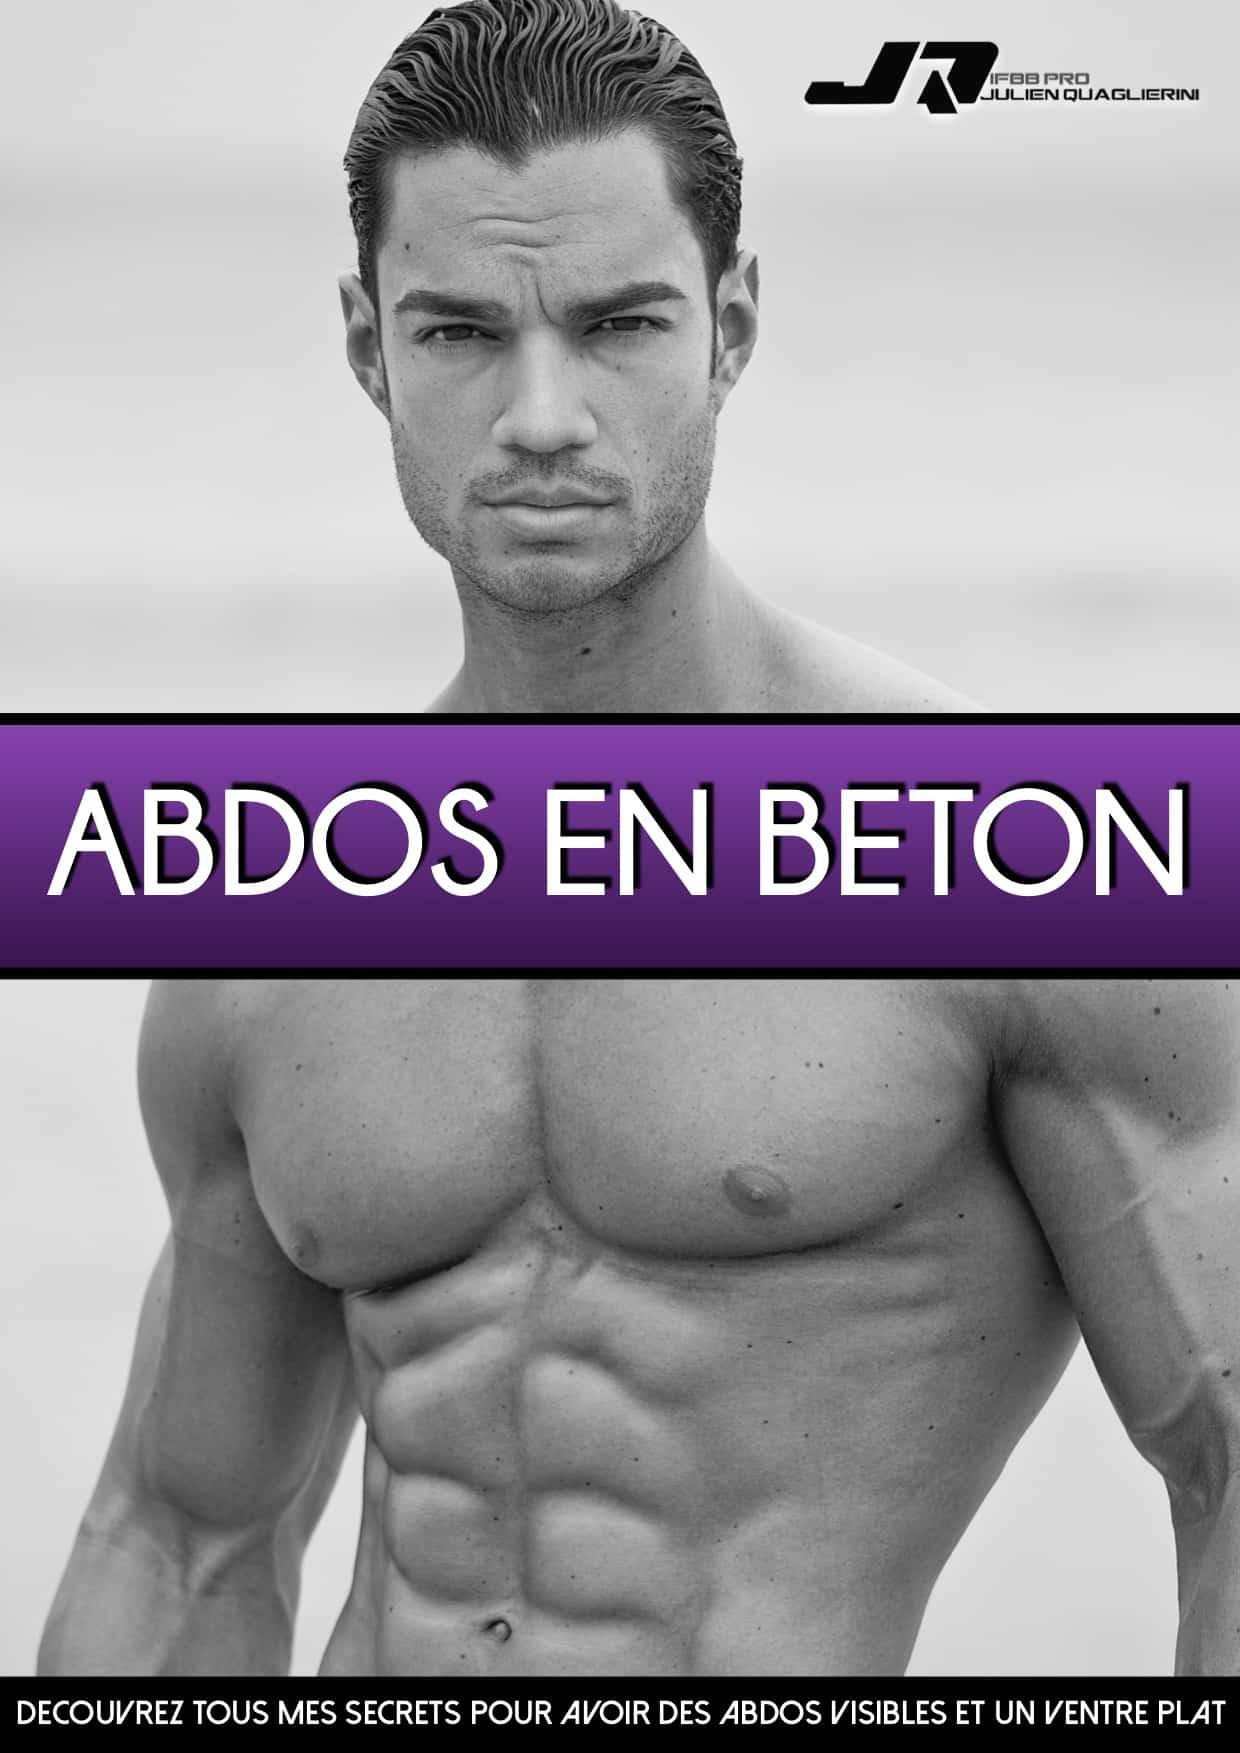 PROGRAMMES ABDOS